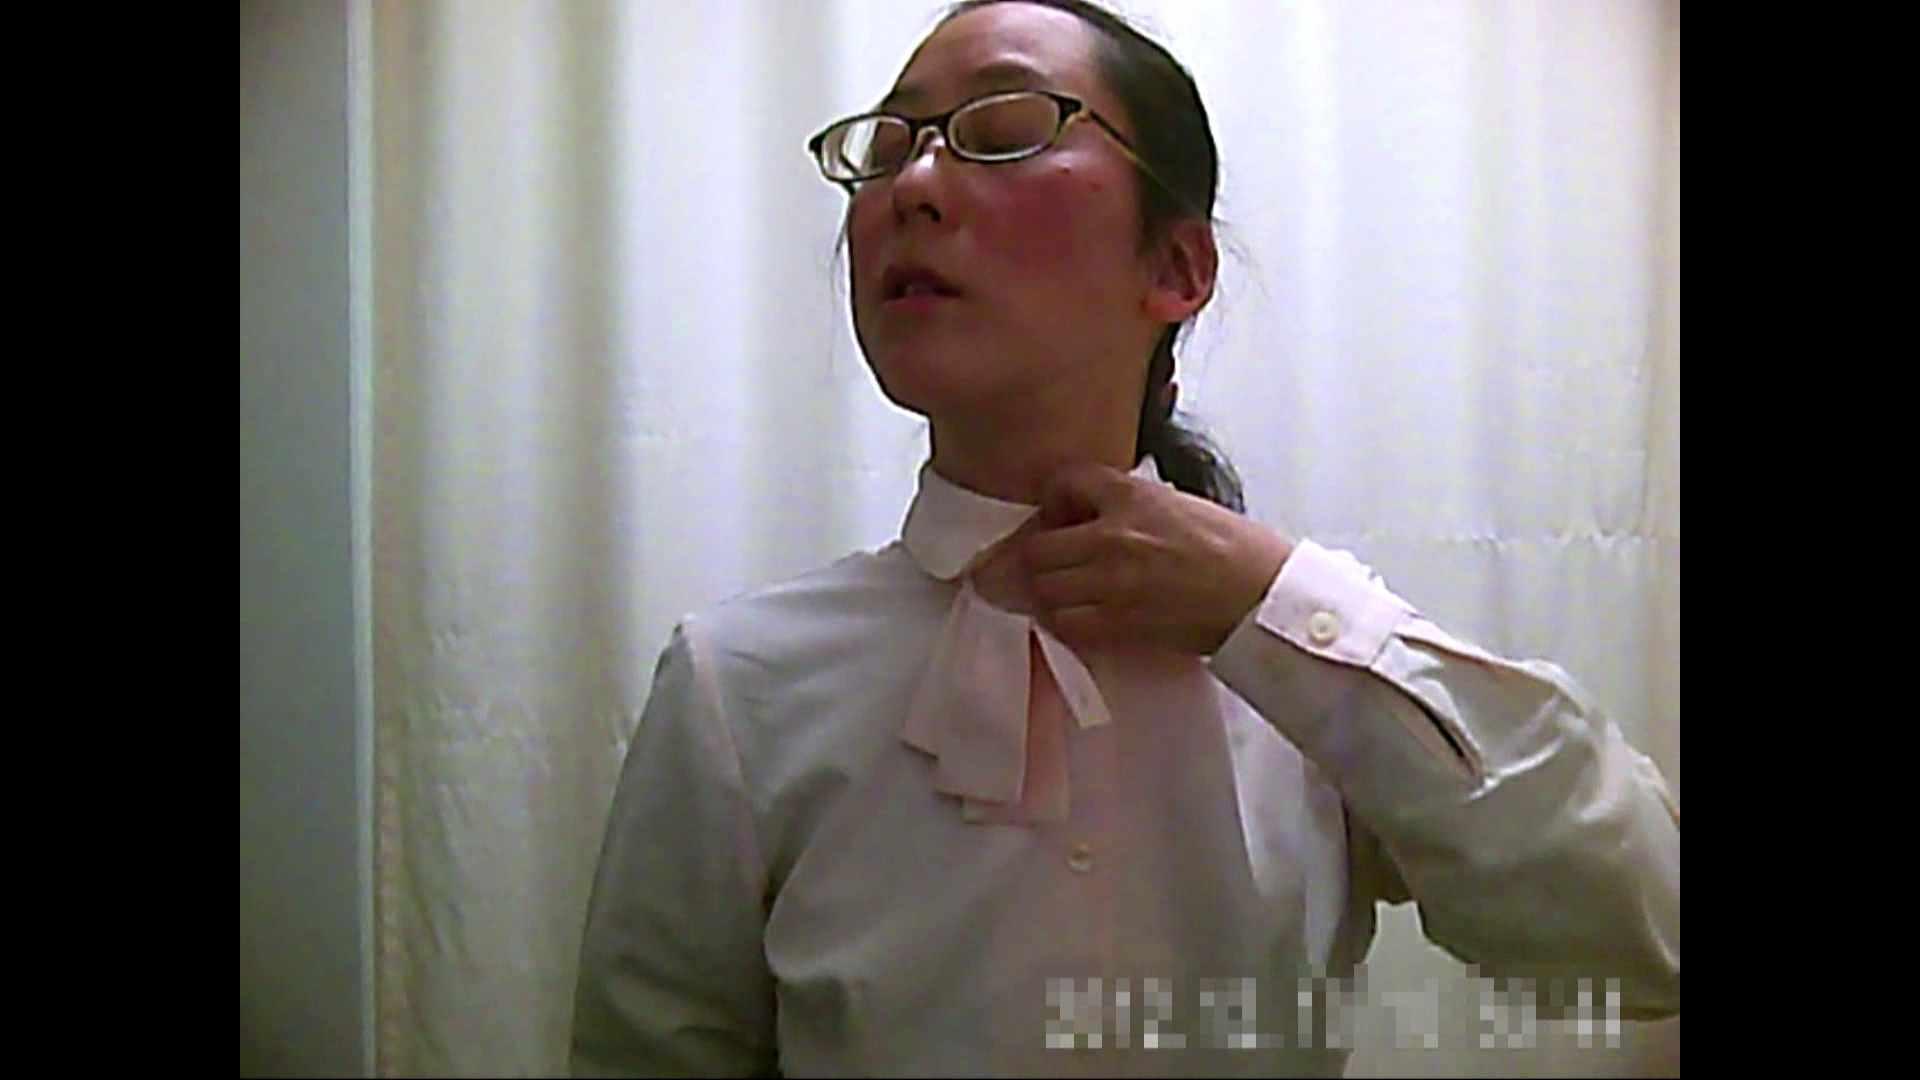 元医者による反抗 更衣室地獄絵巻 vol.123 OL  102pic 48